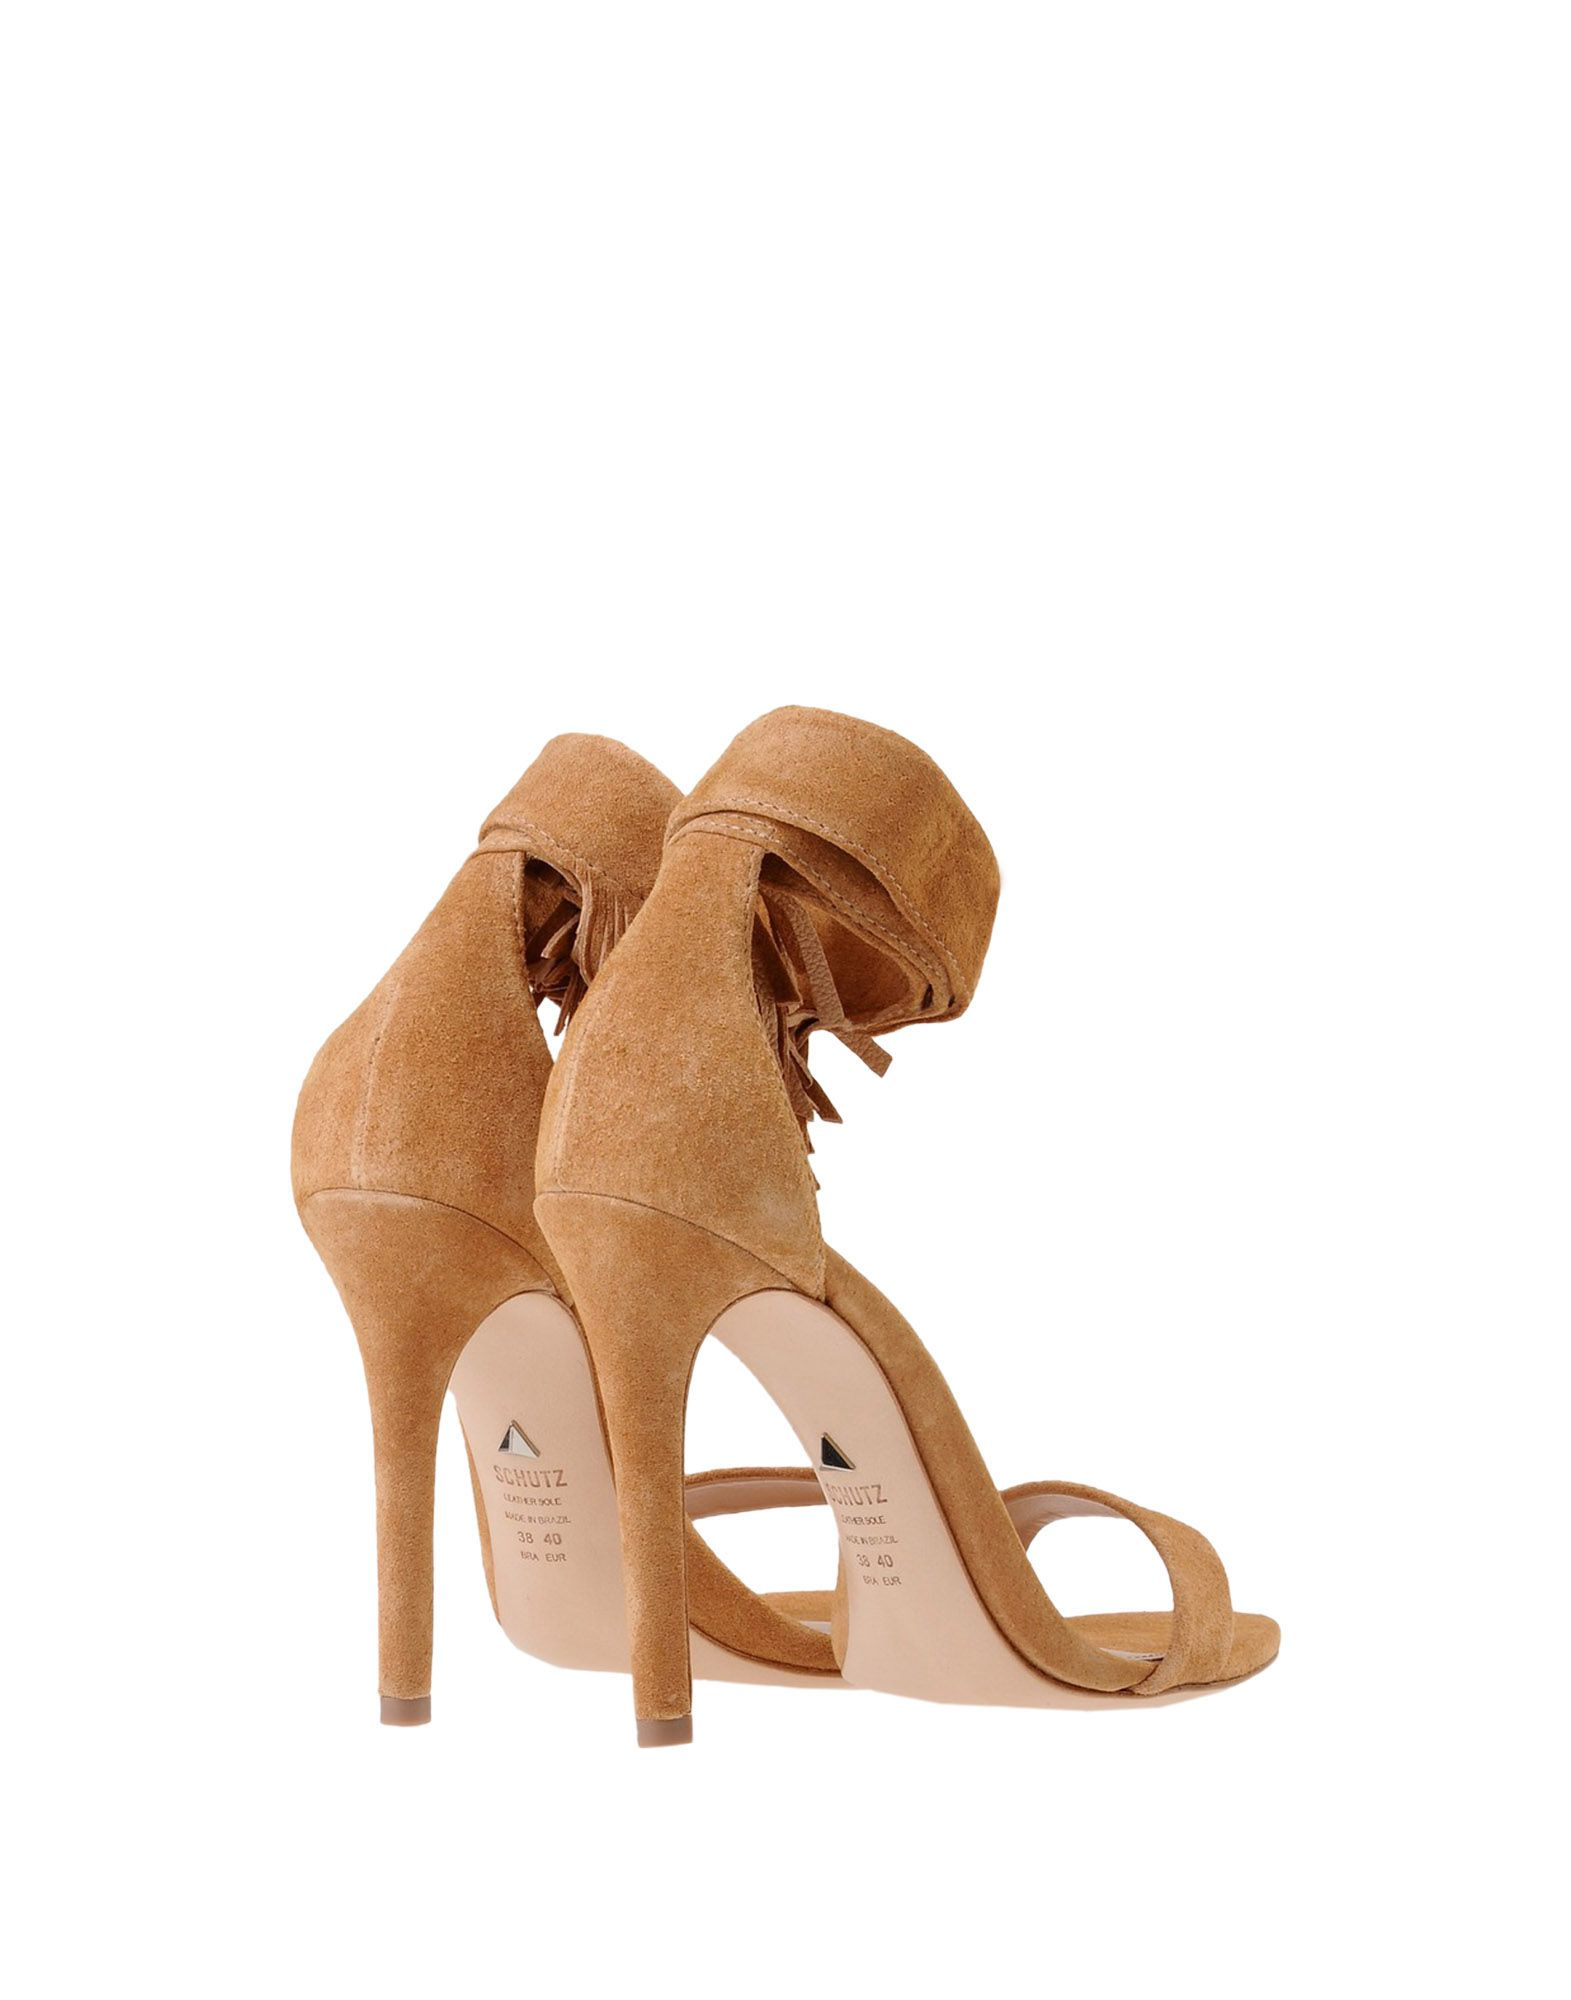 Schutz Sandalen Damen Qualität  11483023JR Gute Qualität Damen beliebte Schuhe a6ca07